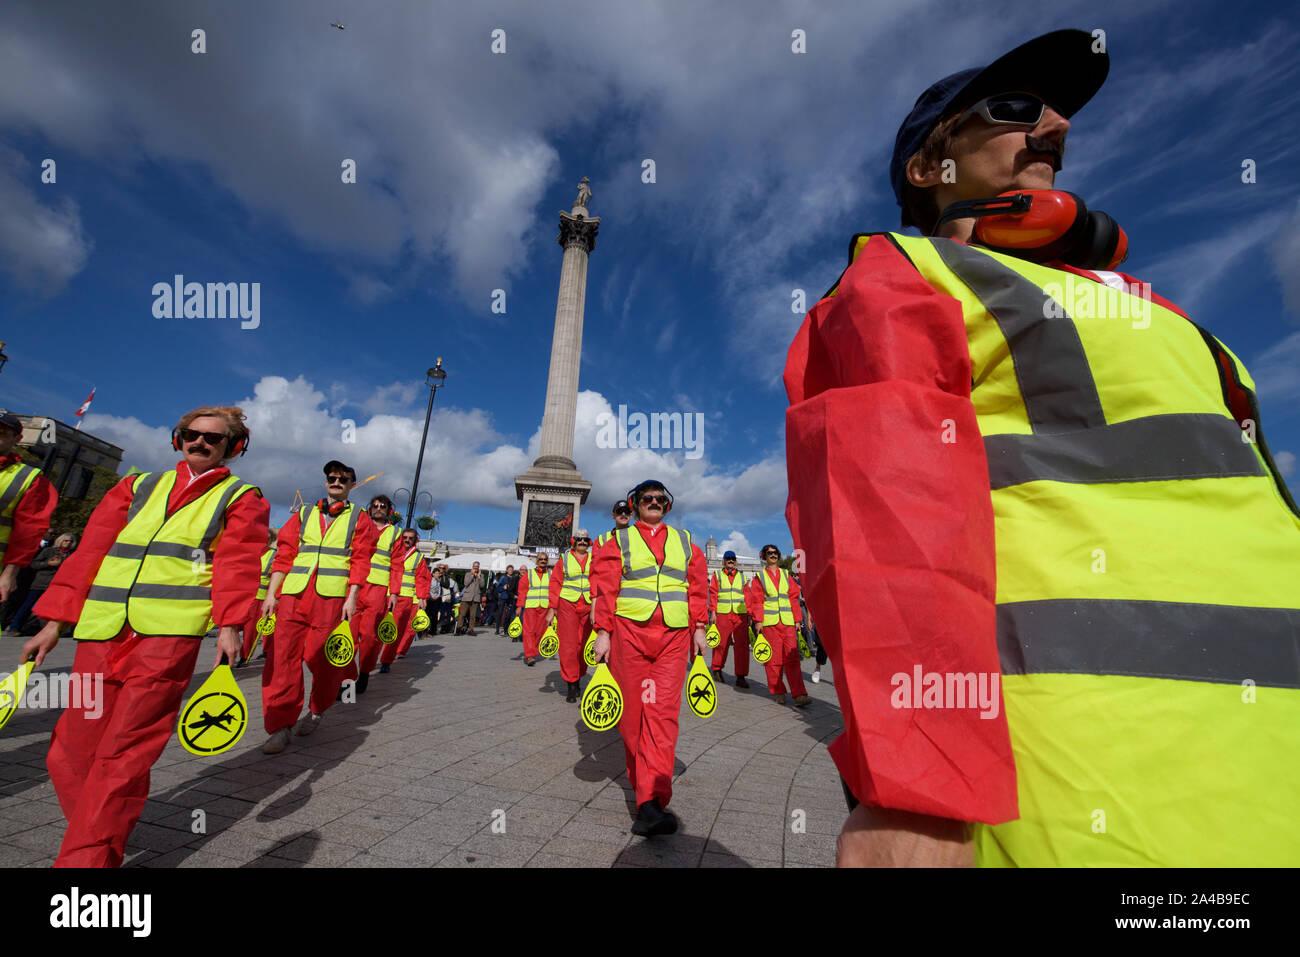 """Rébellion d'extinction a continué de protestation à Londres du 7 octobre. L'objectif de la participation à la non-violence l'action directe et la désobéissance civile était d'attirer l'attention sur la crise climatique et à la perte de biodiversité. Rébellion d'extinction sont demandes que les gouvernements dire au public la vérité sur l'ampleur réelle de la crise, prendre des mesures maintenant pour réduire les émissions de CO2 et mettre en place des assemblées de citoyens pour surveiller les changements de politique. Ils exigent également que des mesures soient prises pour mettre fin à la destruction du monde naturel qui conduit à la """"6ème extinction massive d'espèces."""" Banque D'Images"""